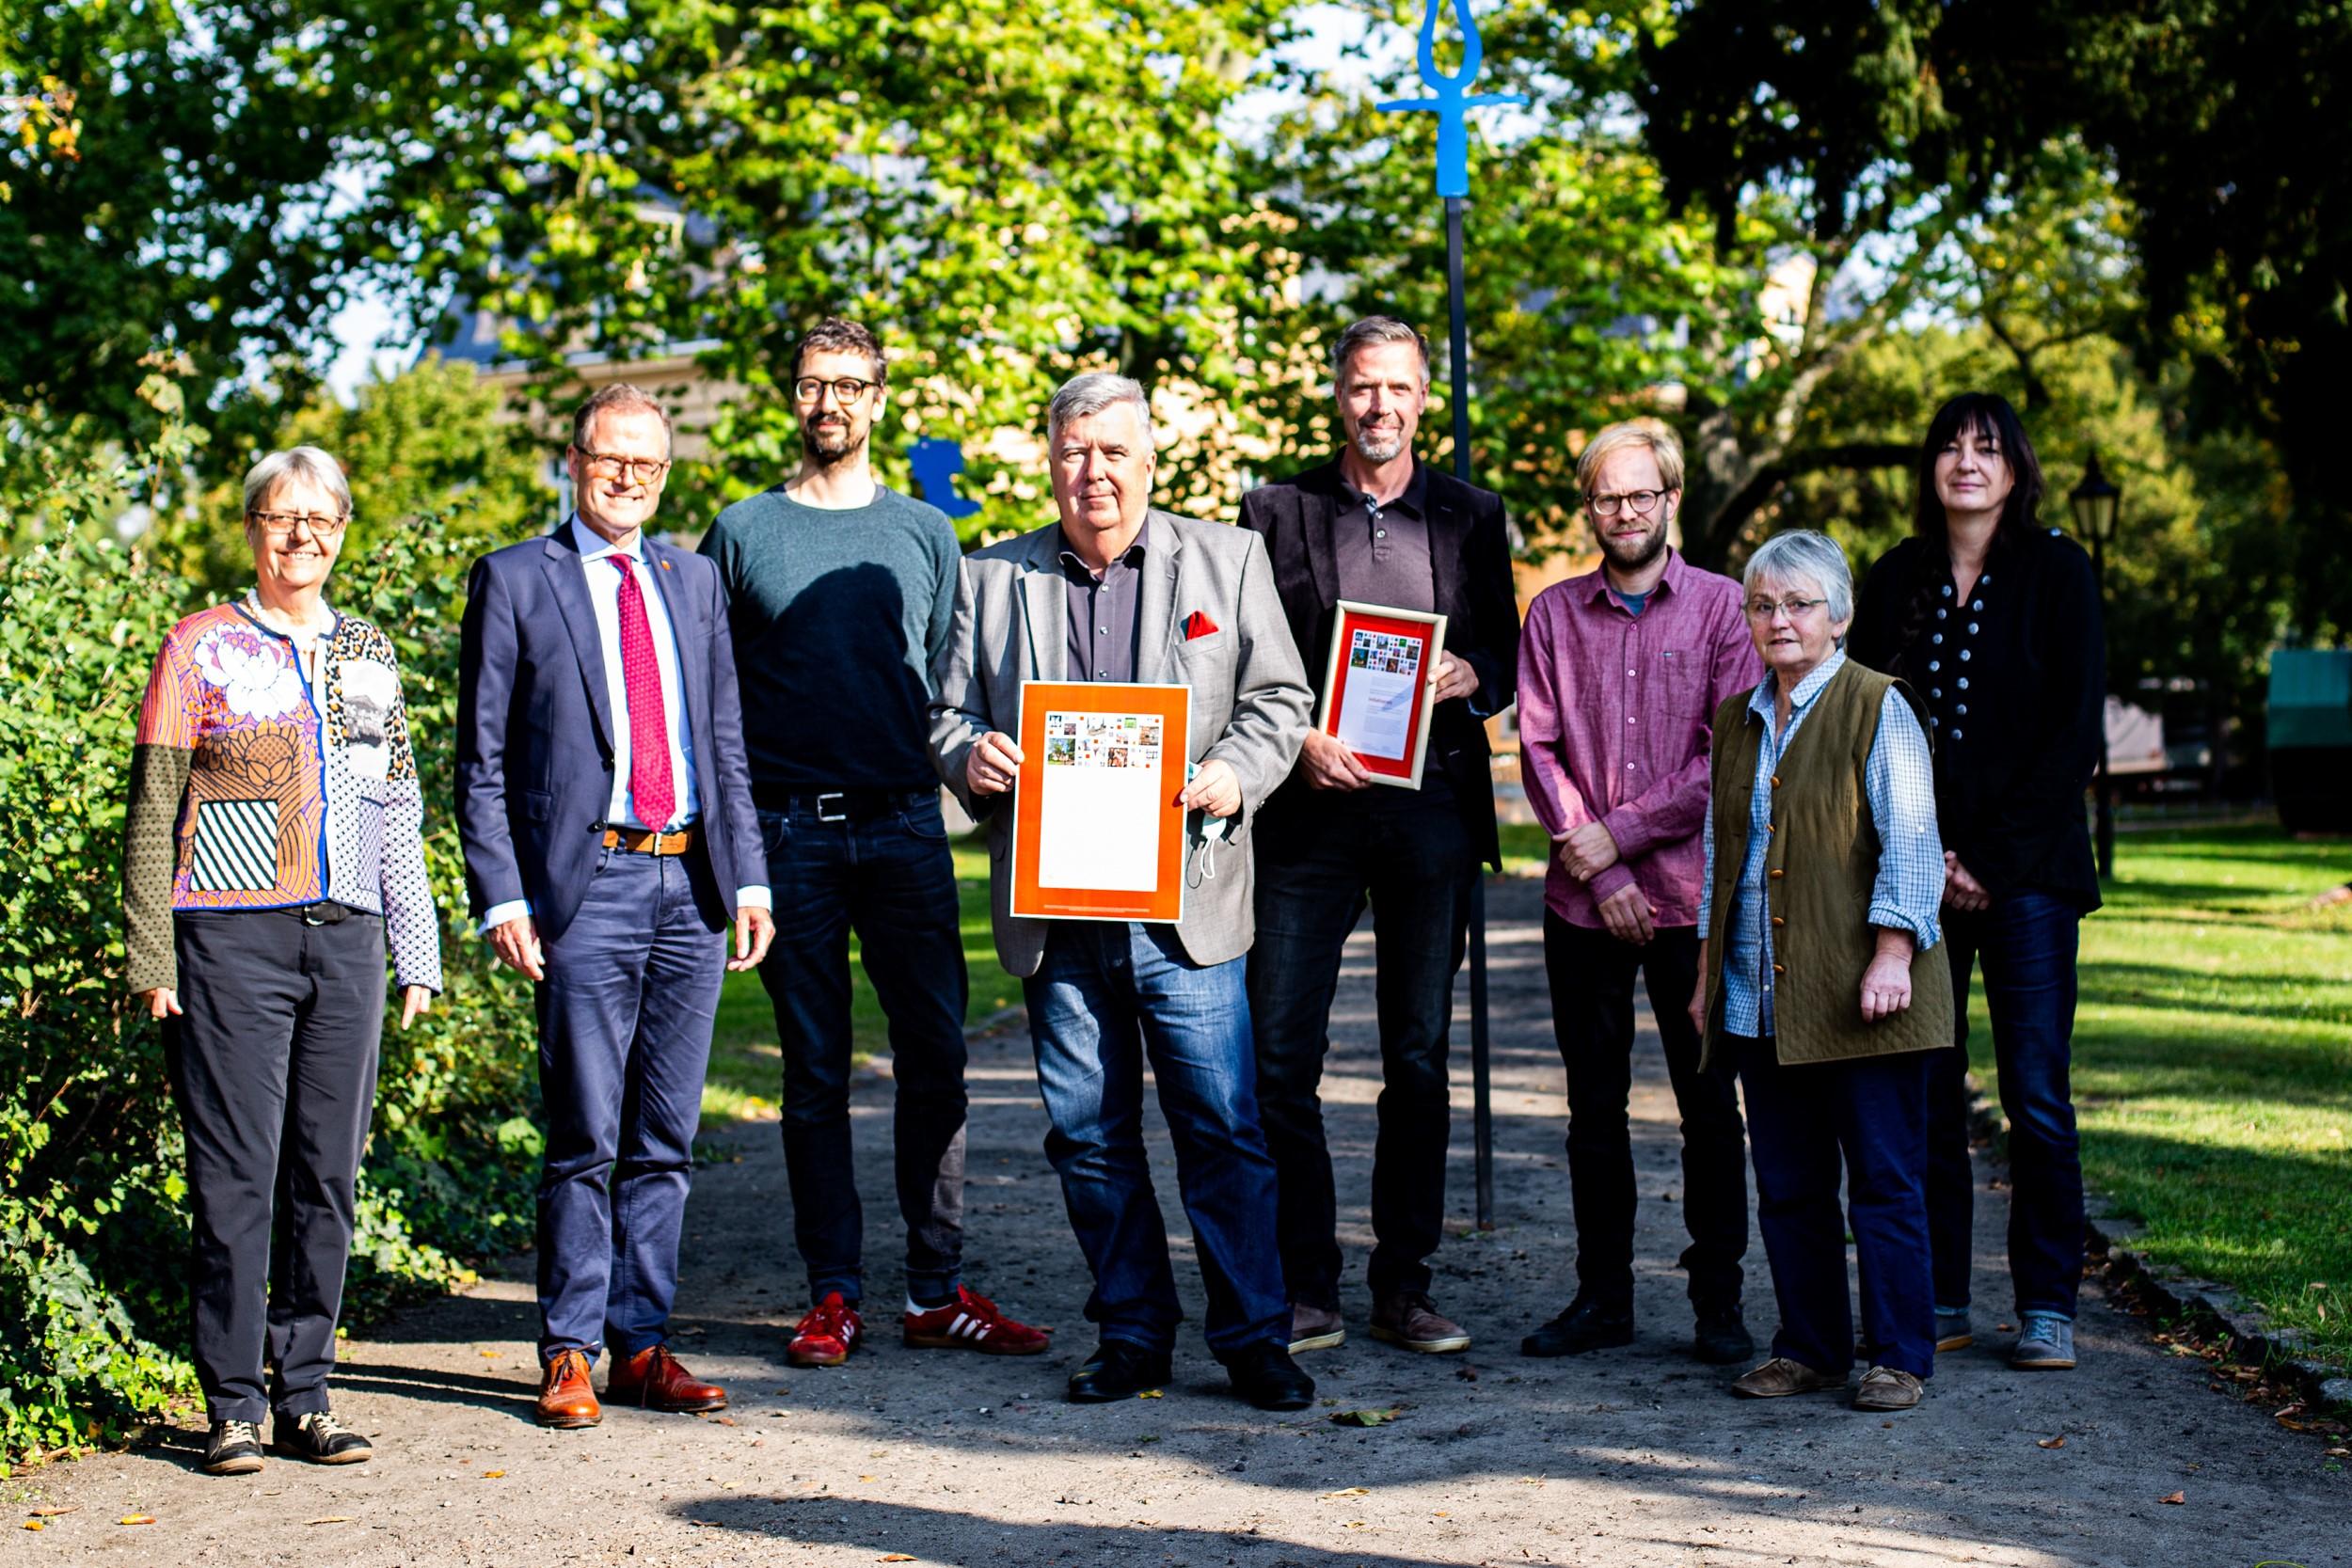 Initiativpreis der Ostdeutschen Sparkassenstiftung für Oderbruchmuseum Altranft